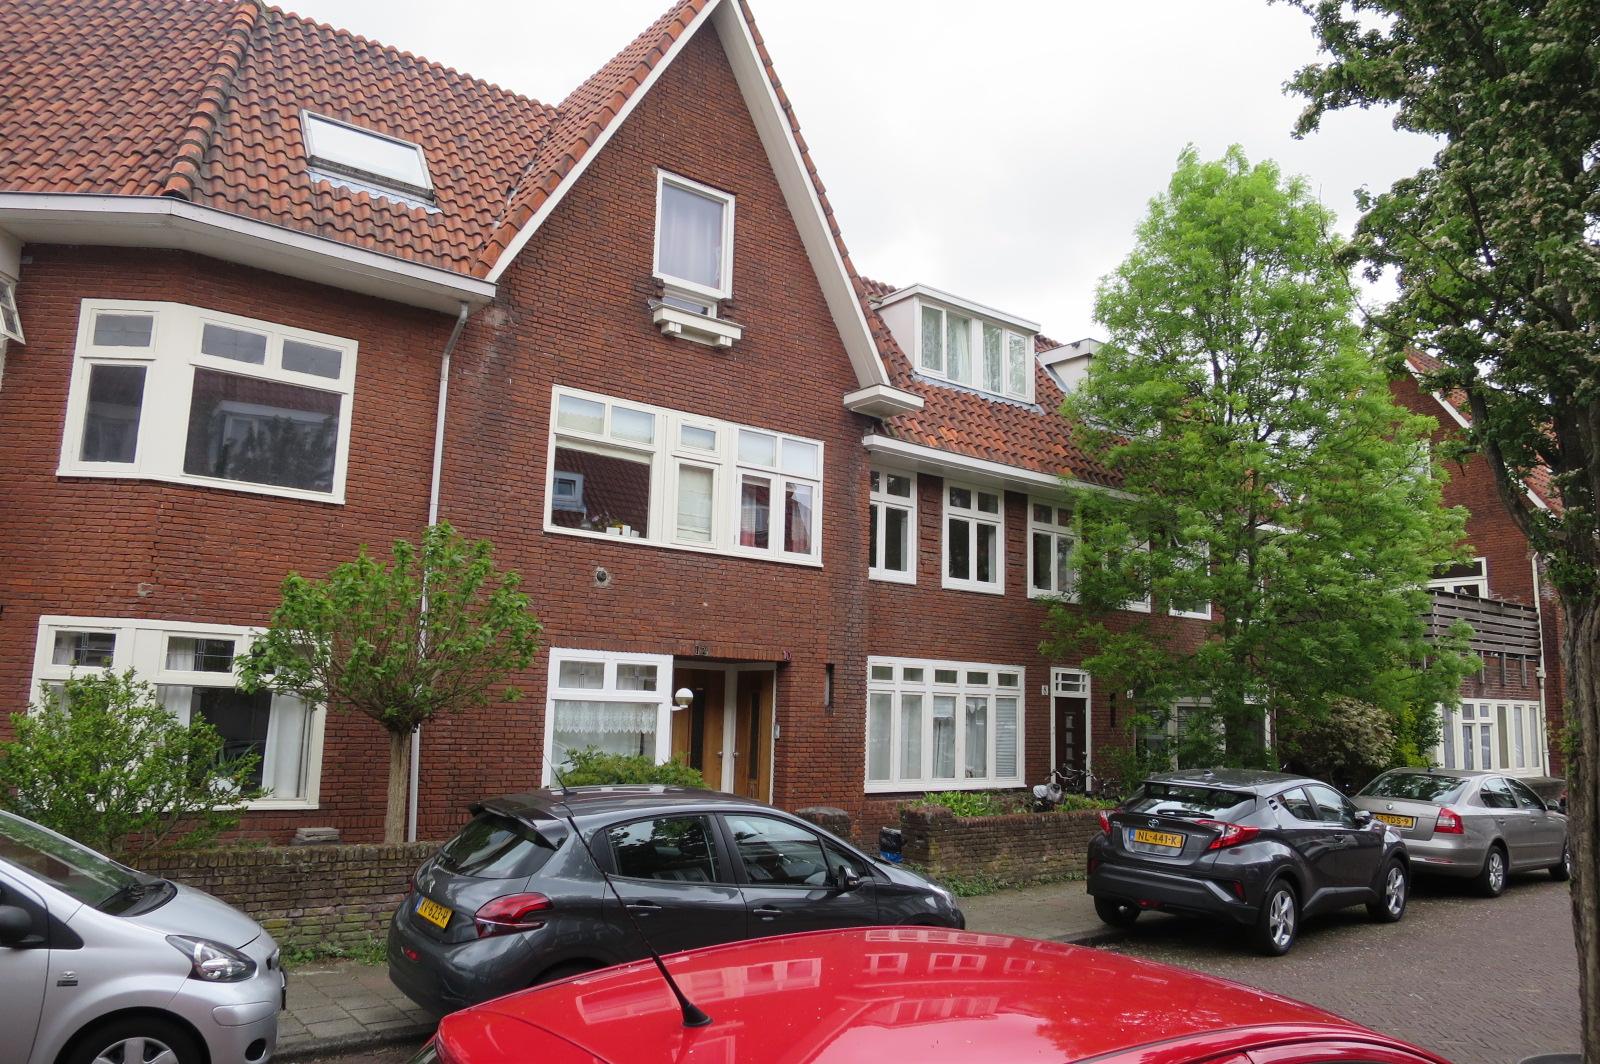 Vosmaerstraat, Haarlem